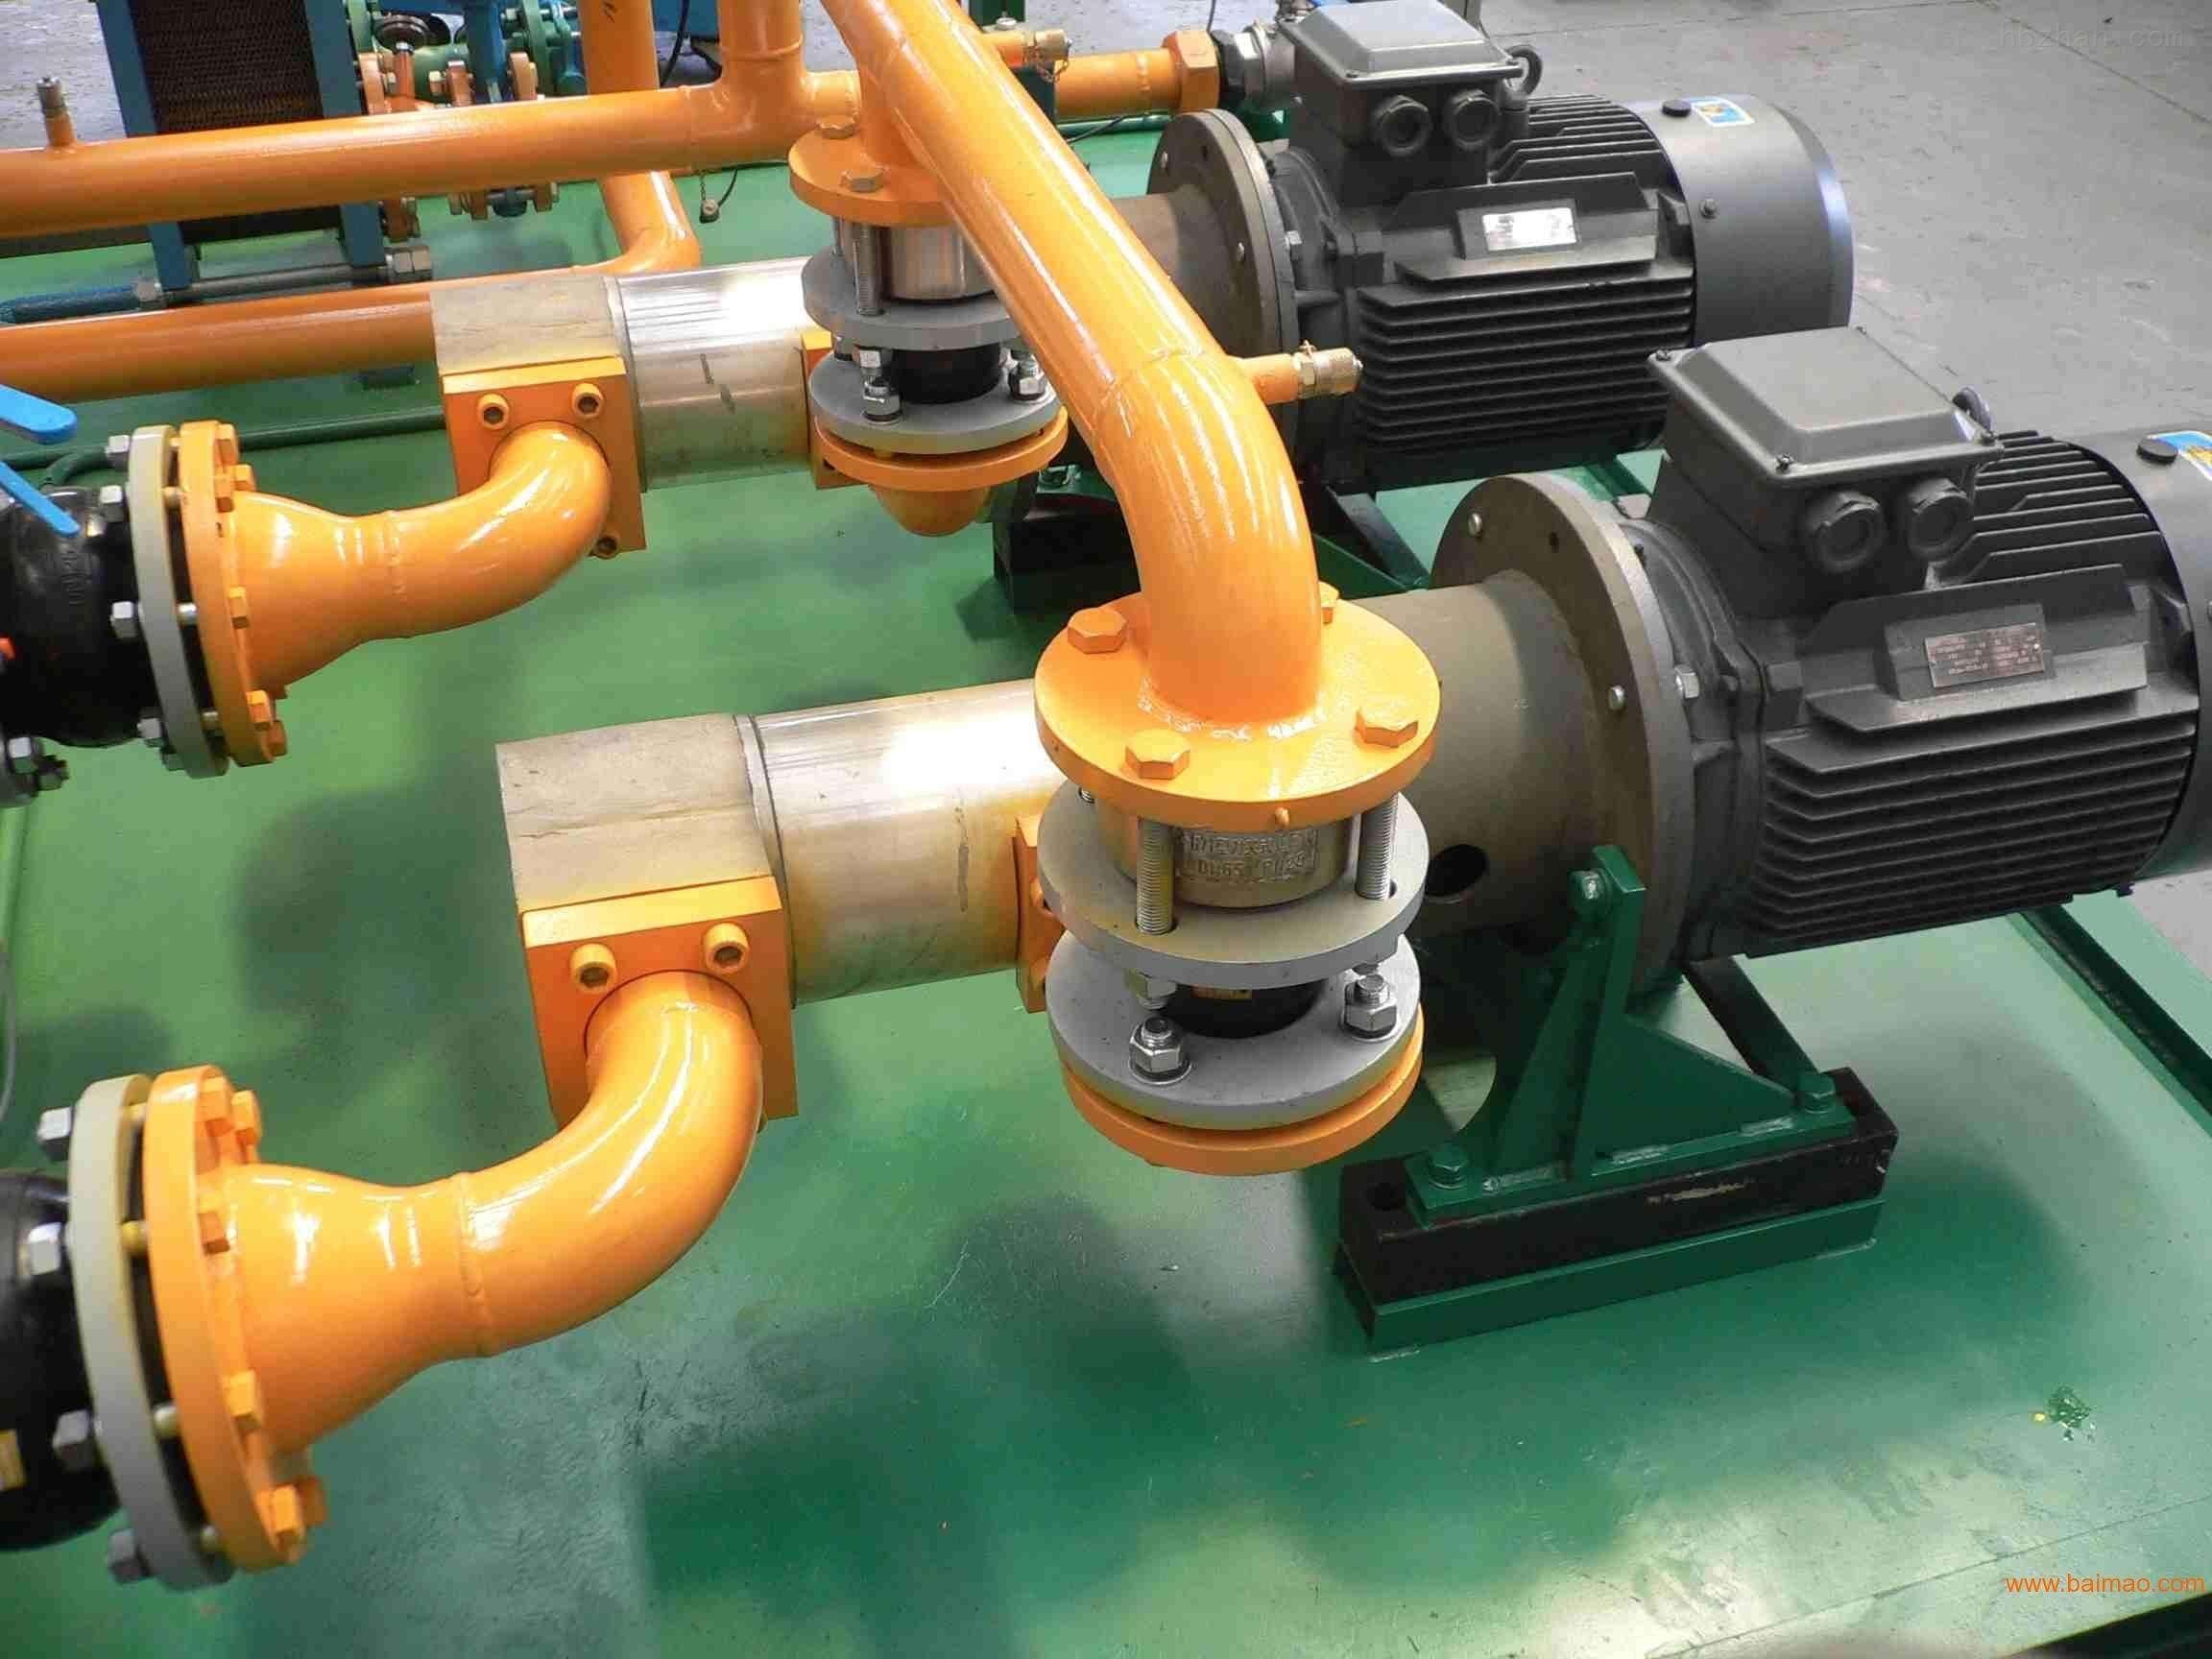 国内目前使用规模较多的两种外形结构的三螺杆泵